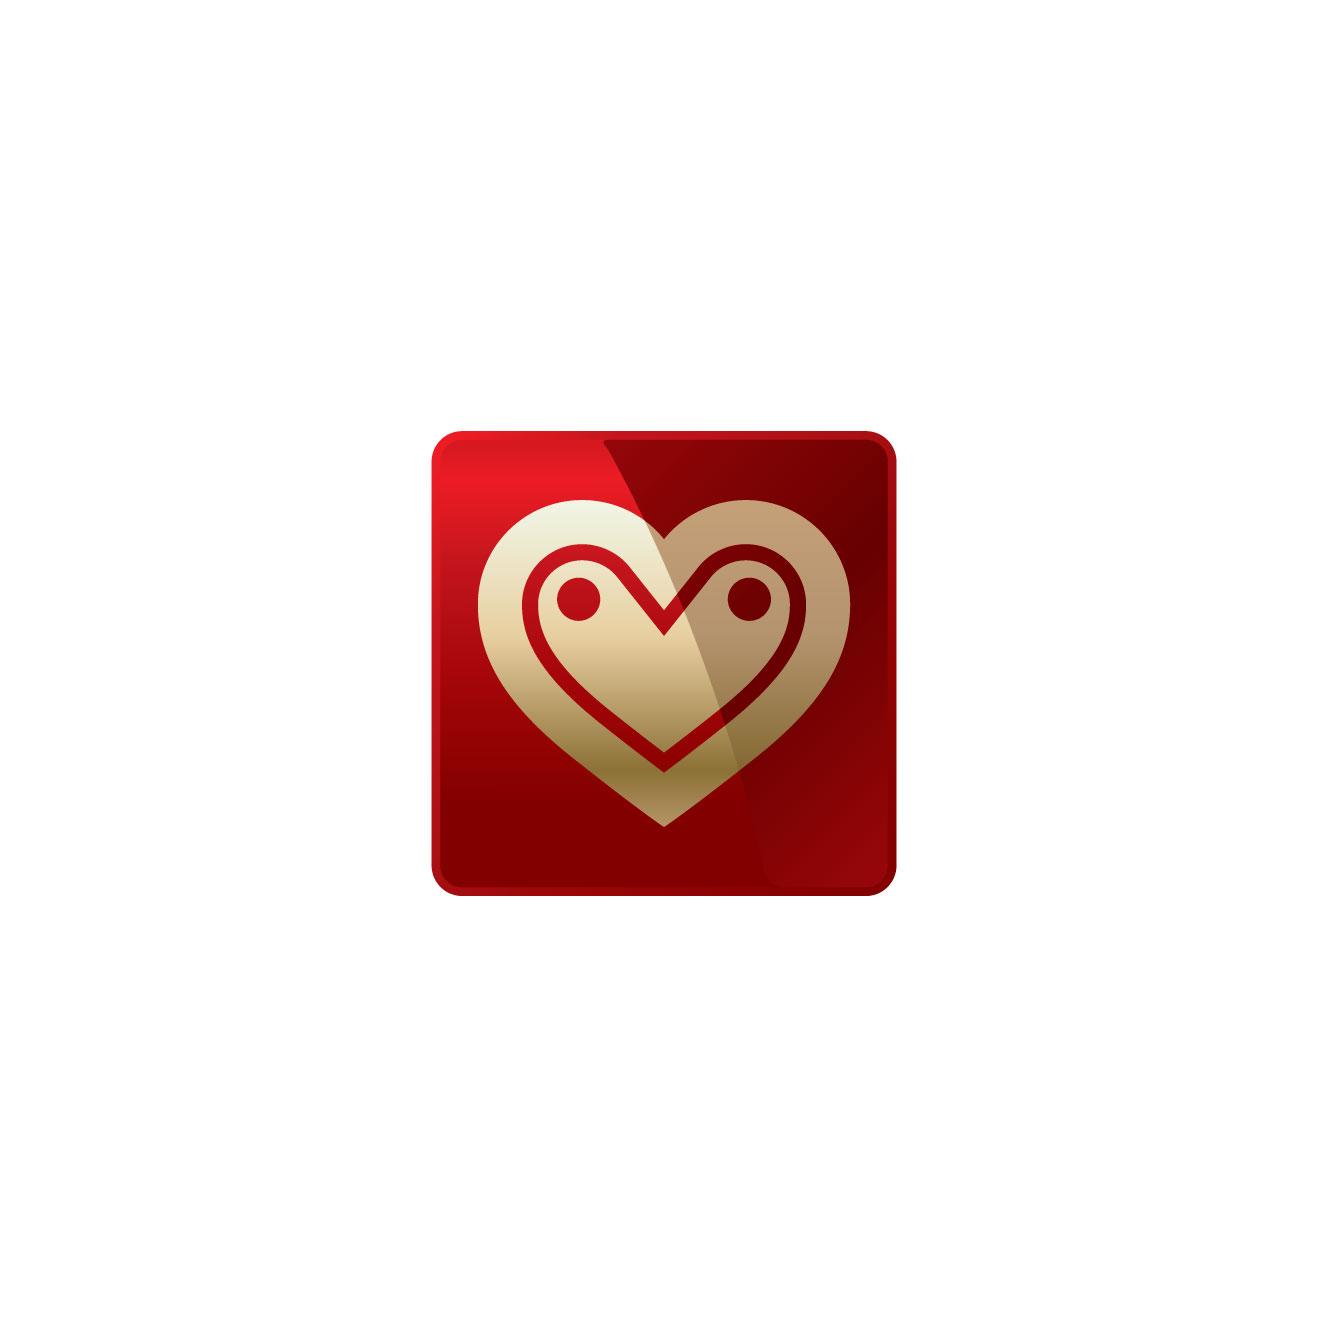 Разработать логотип для англоязычн. сайта знакомств для геев фото f_1895b40855f8739a.jpg